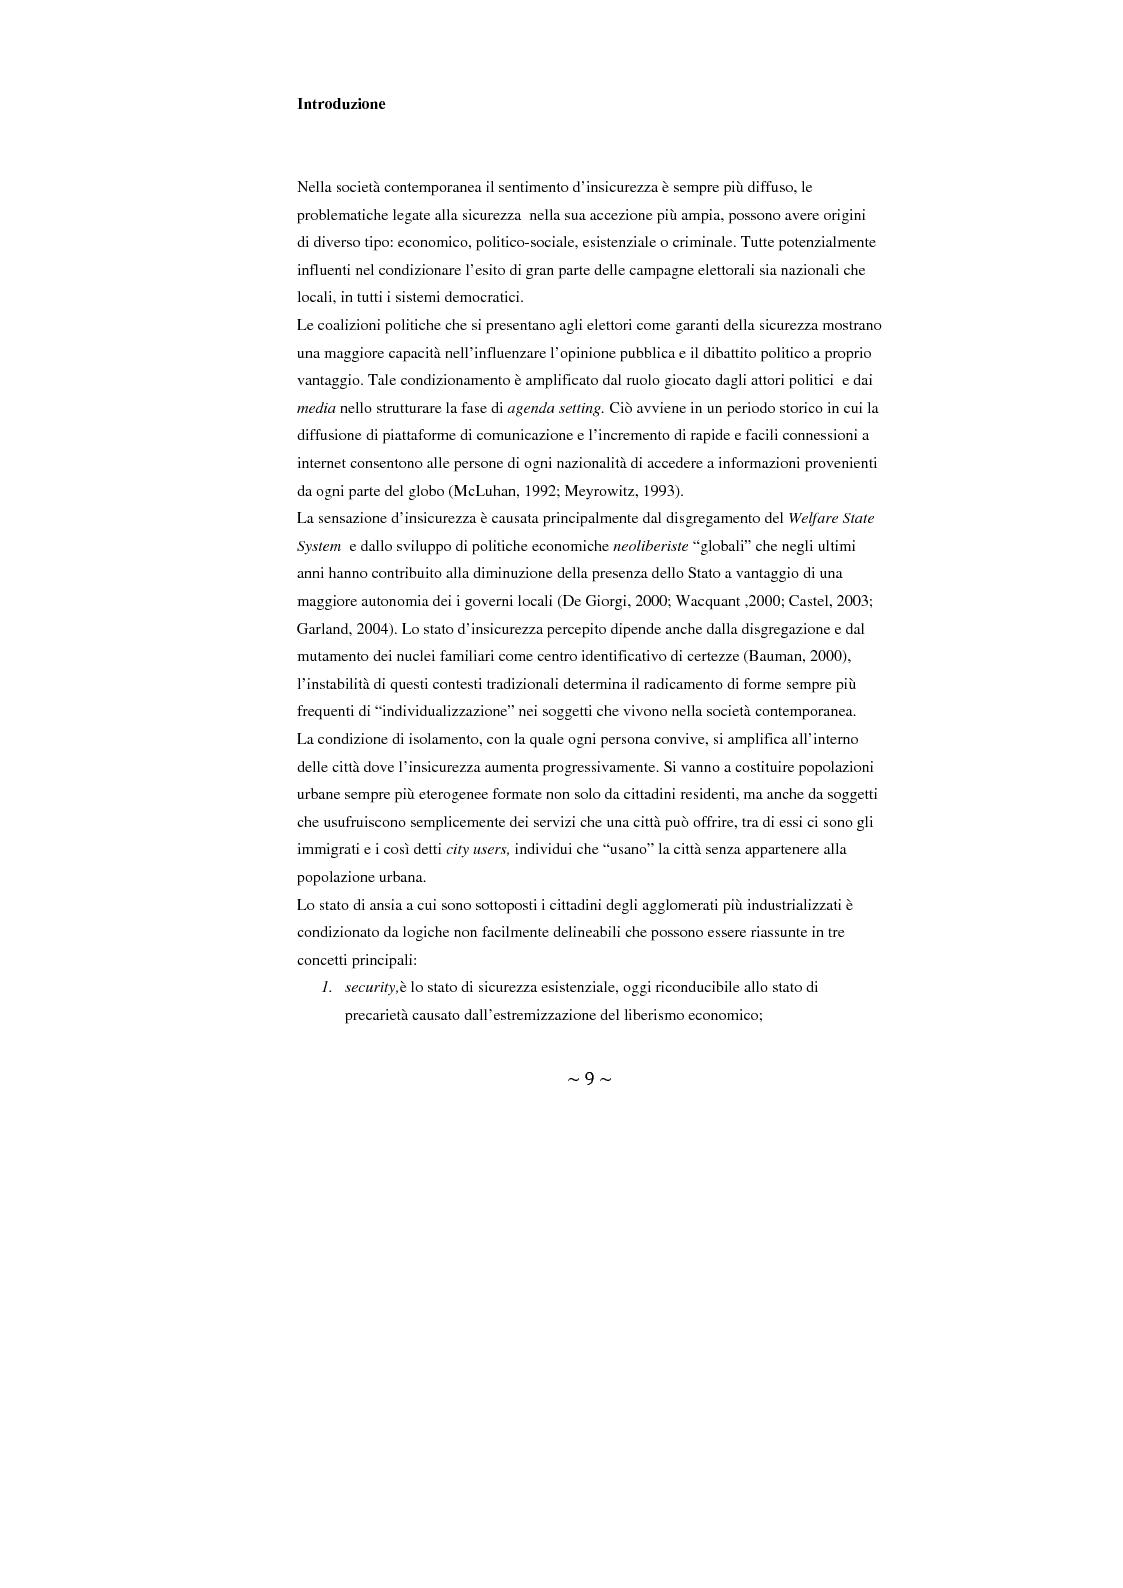 Anteprima della tesi: Contrattualizzare la sicurezza urbana, Pagina 2